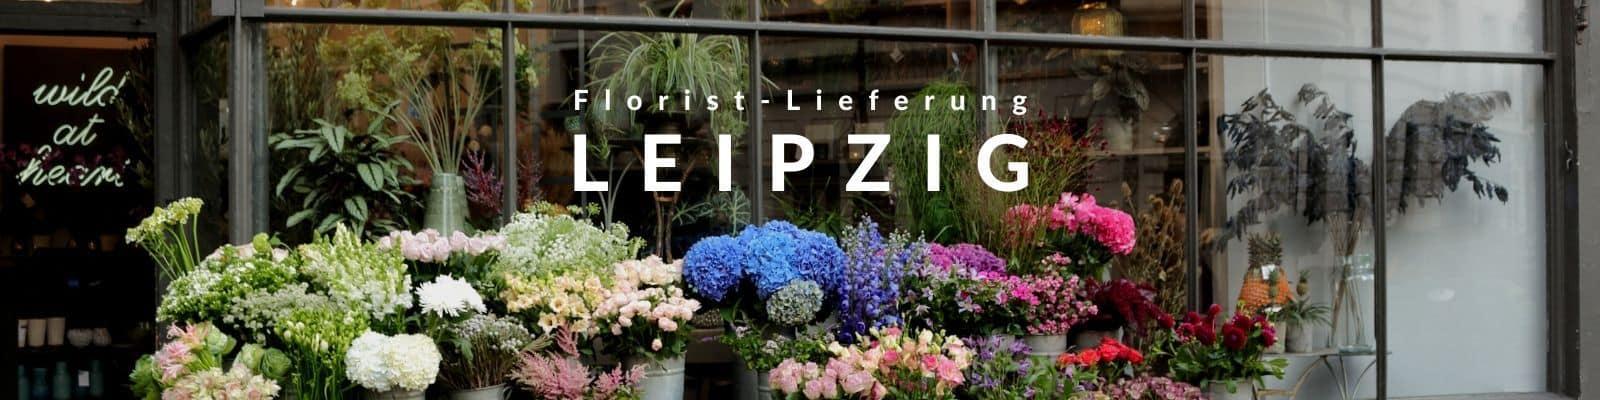 Blumen verschicken Leipzig - Blumenversand Express Leipzig